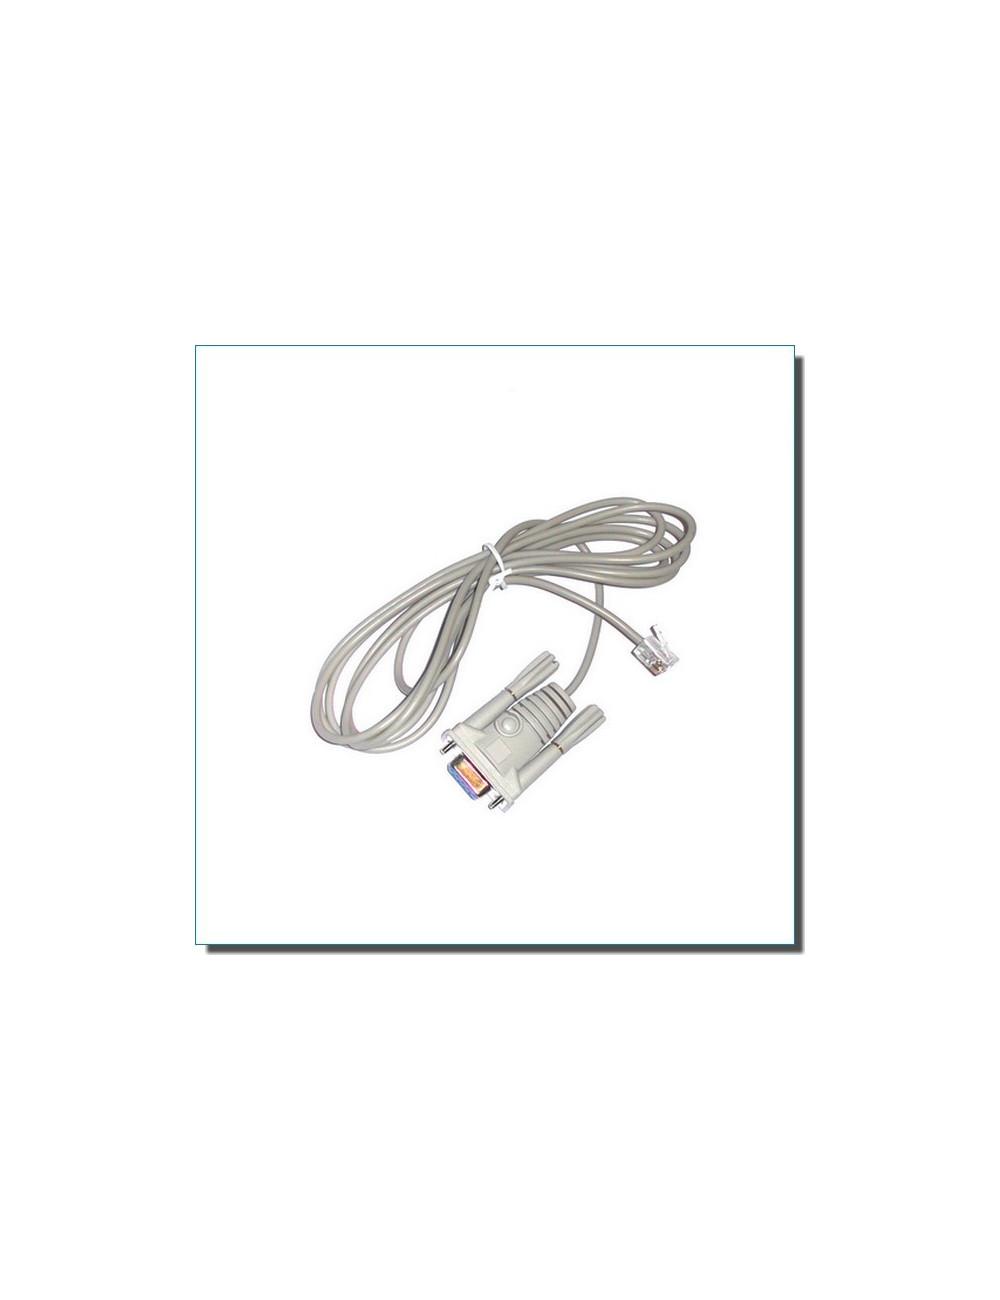 Câble série RS232 pour monture EQ3.2/EQ5